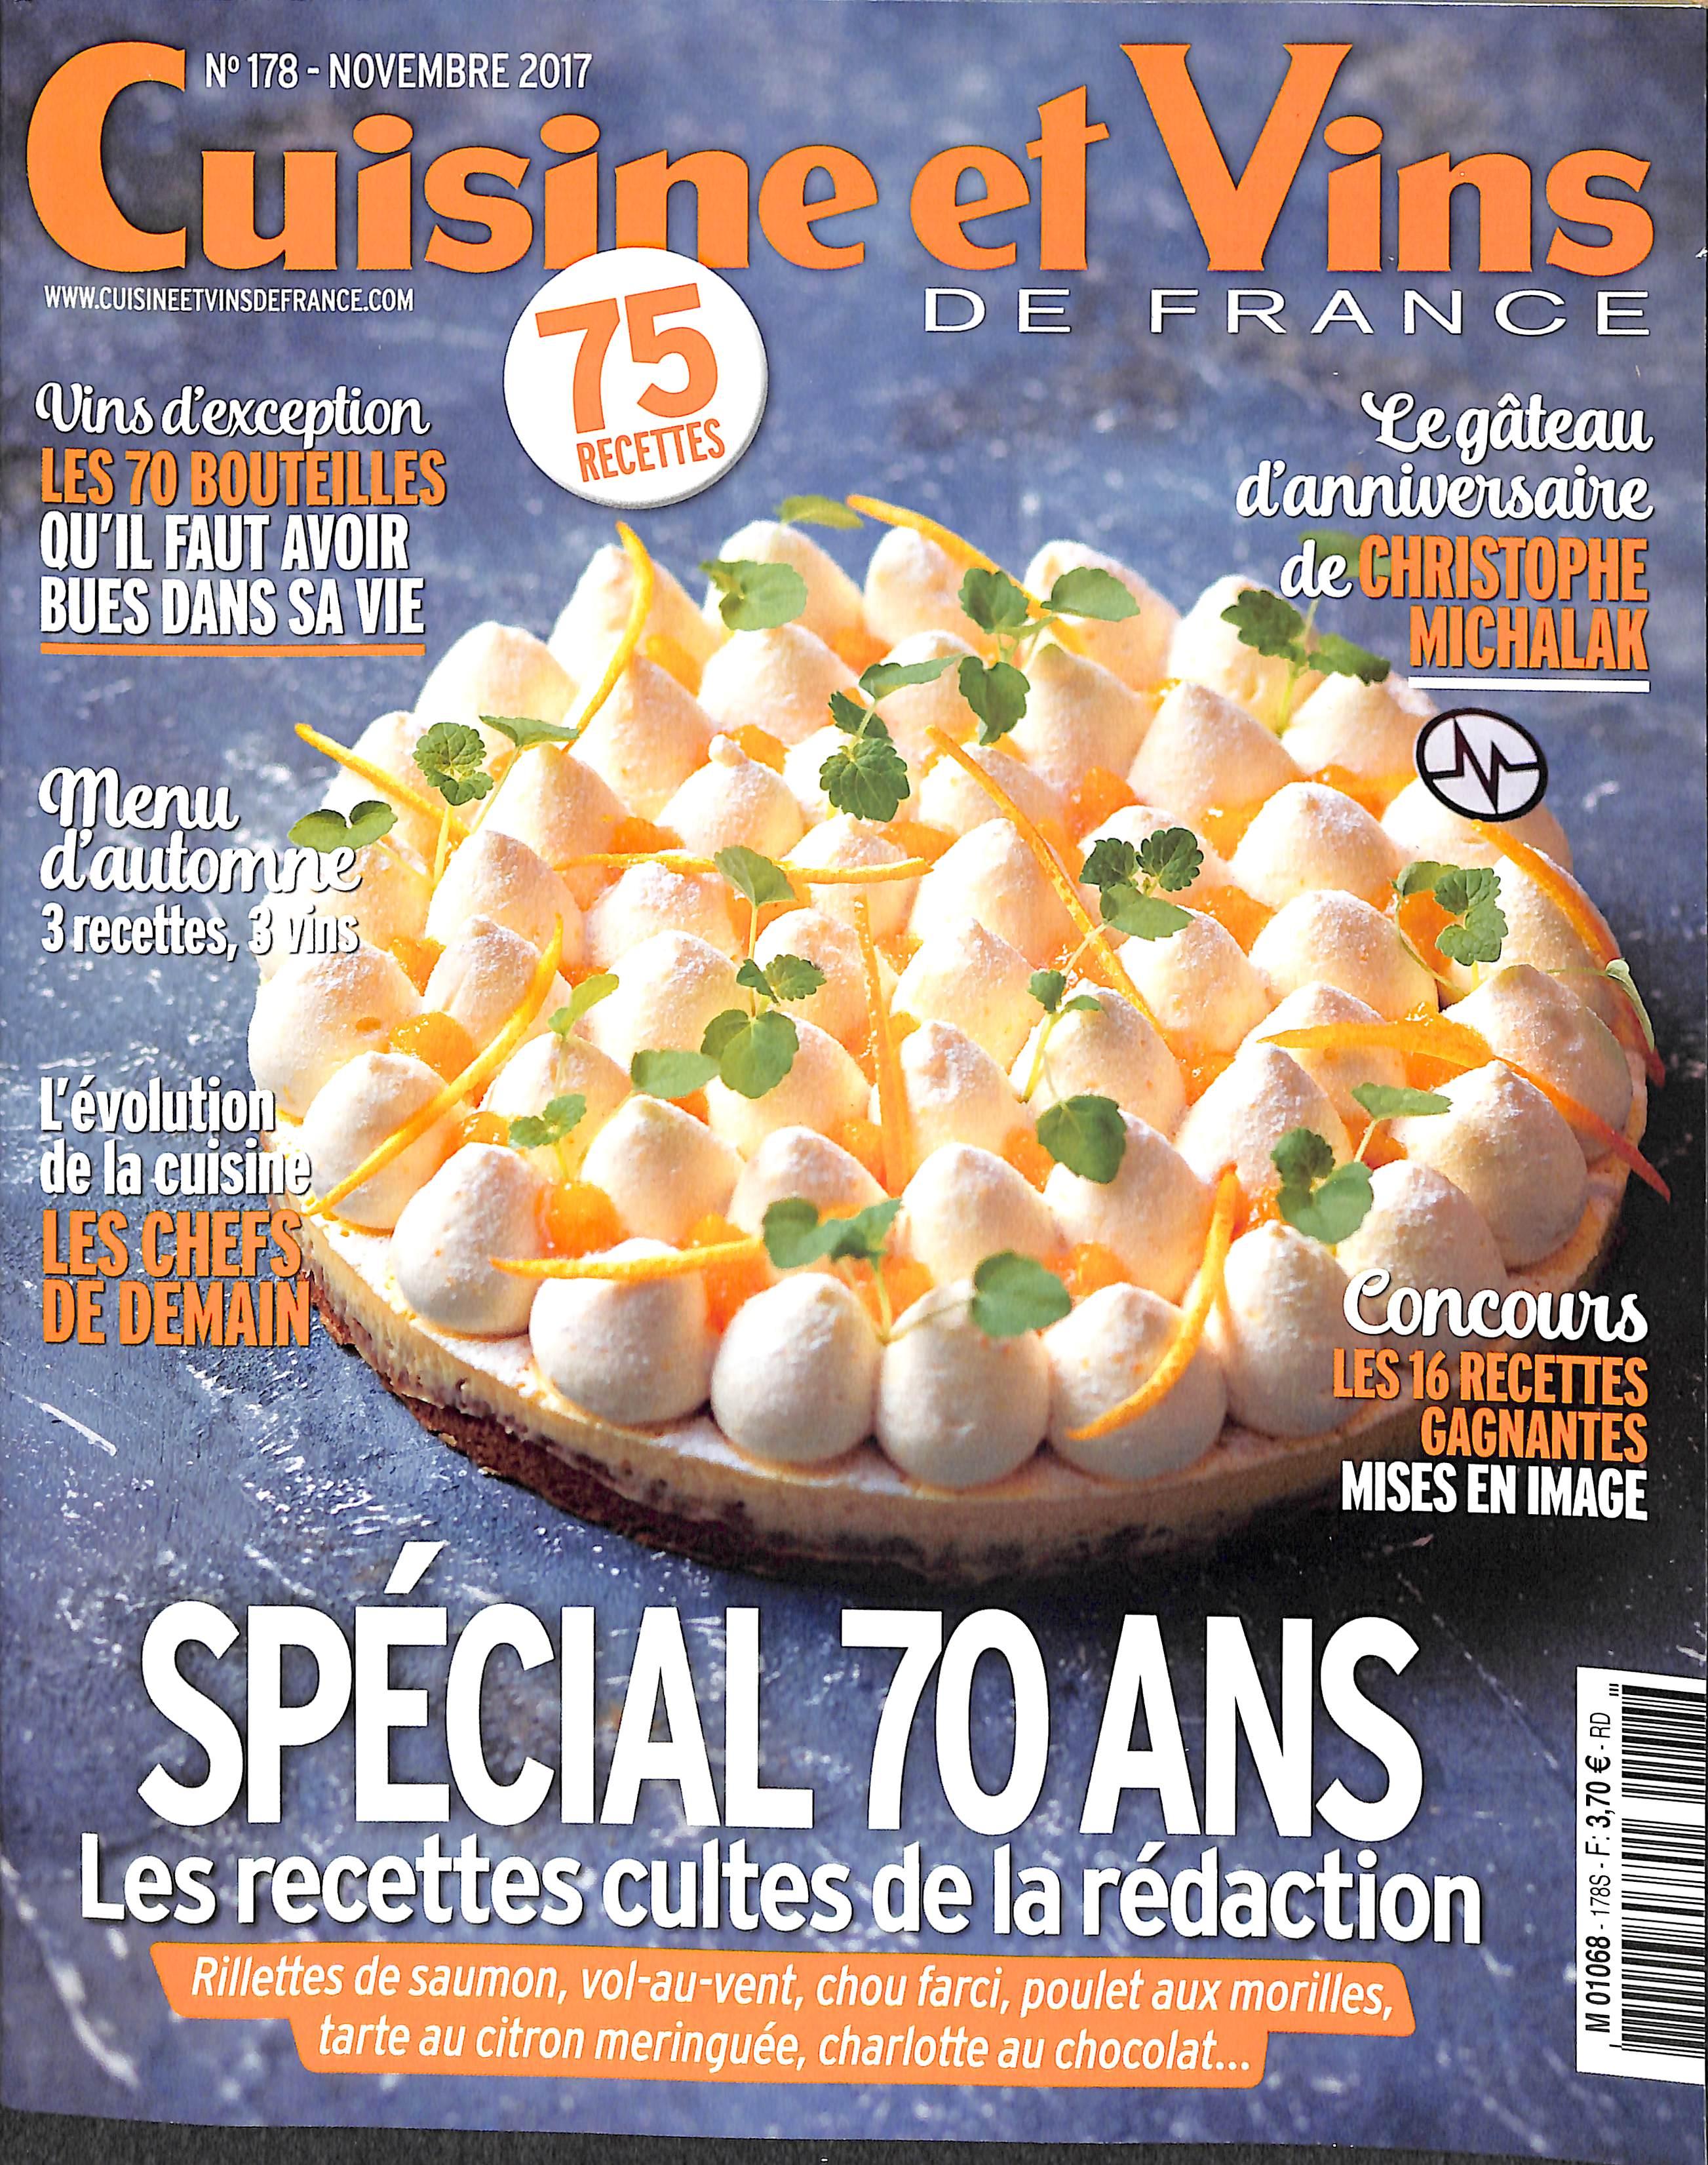 Cuisine et vins de france n 178 abonnement cuisine et for Abonnement cuisine et vins de france